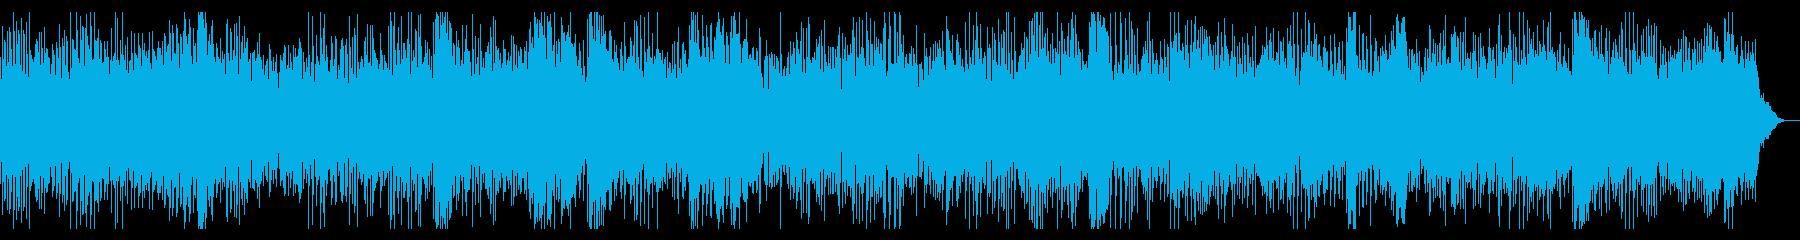 エネルギッシュなスポーツ向けピアノロックの再生済みの波形